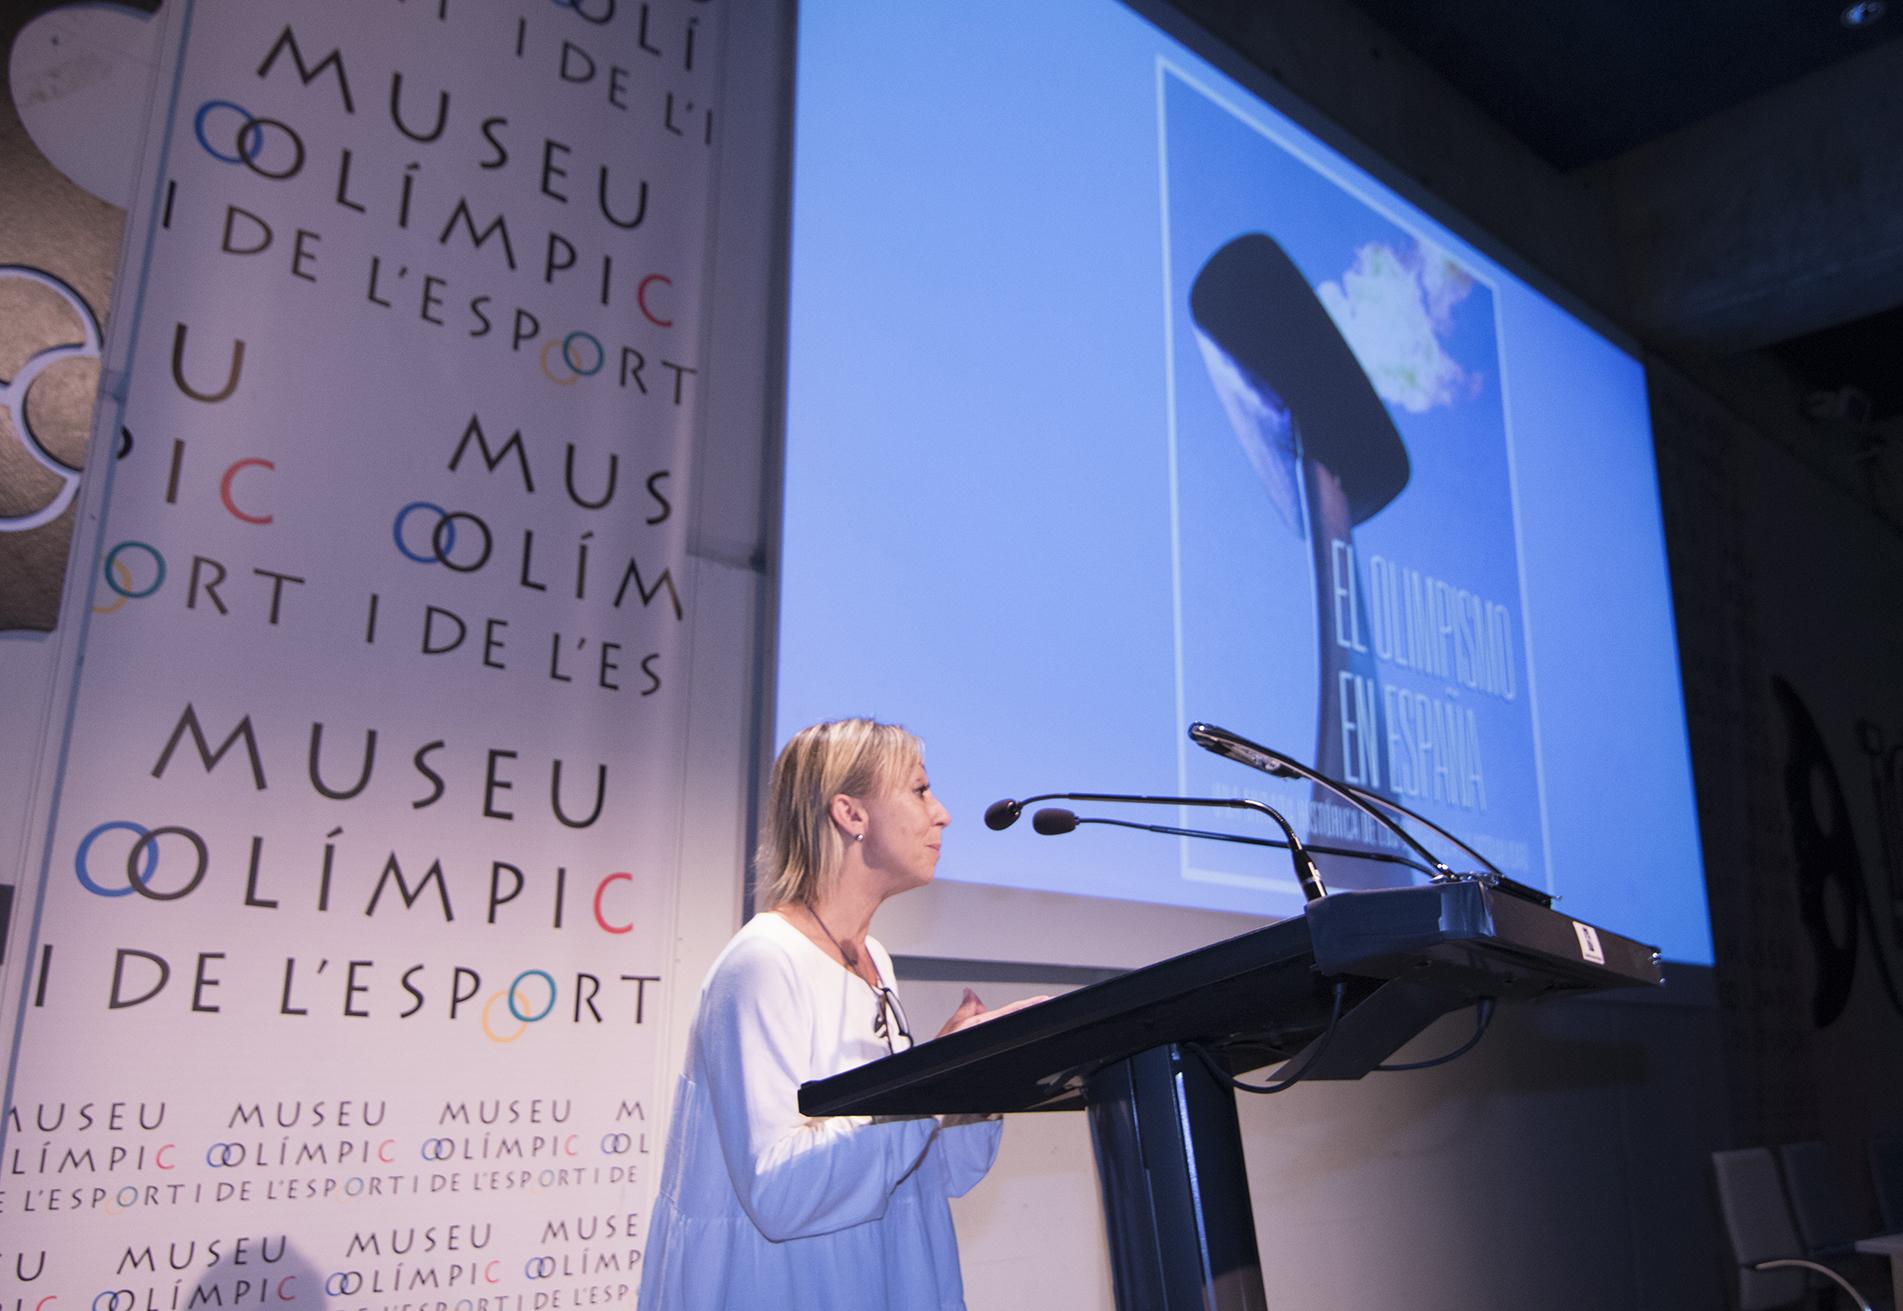 Olimpismo Esmana Museu Olimpic 1